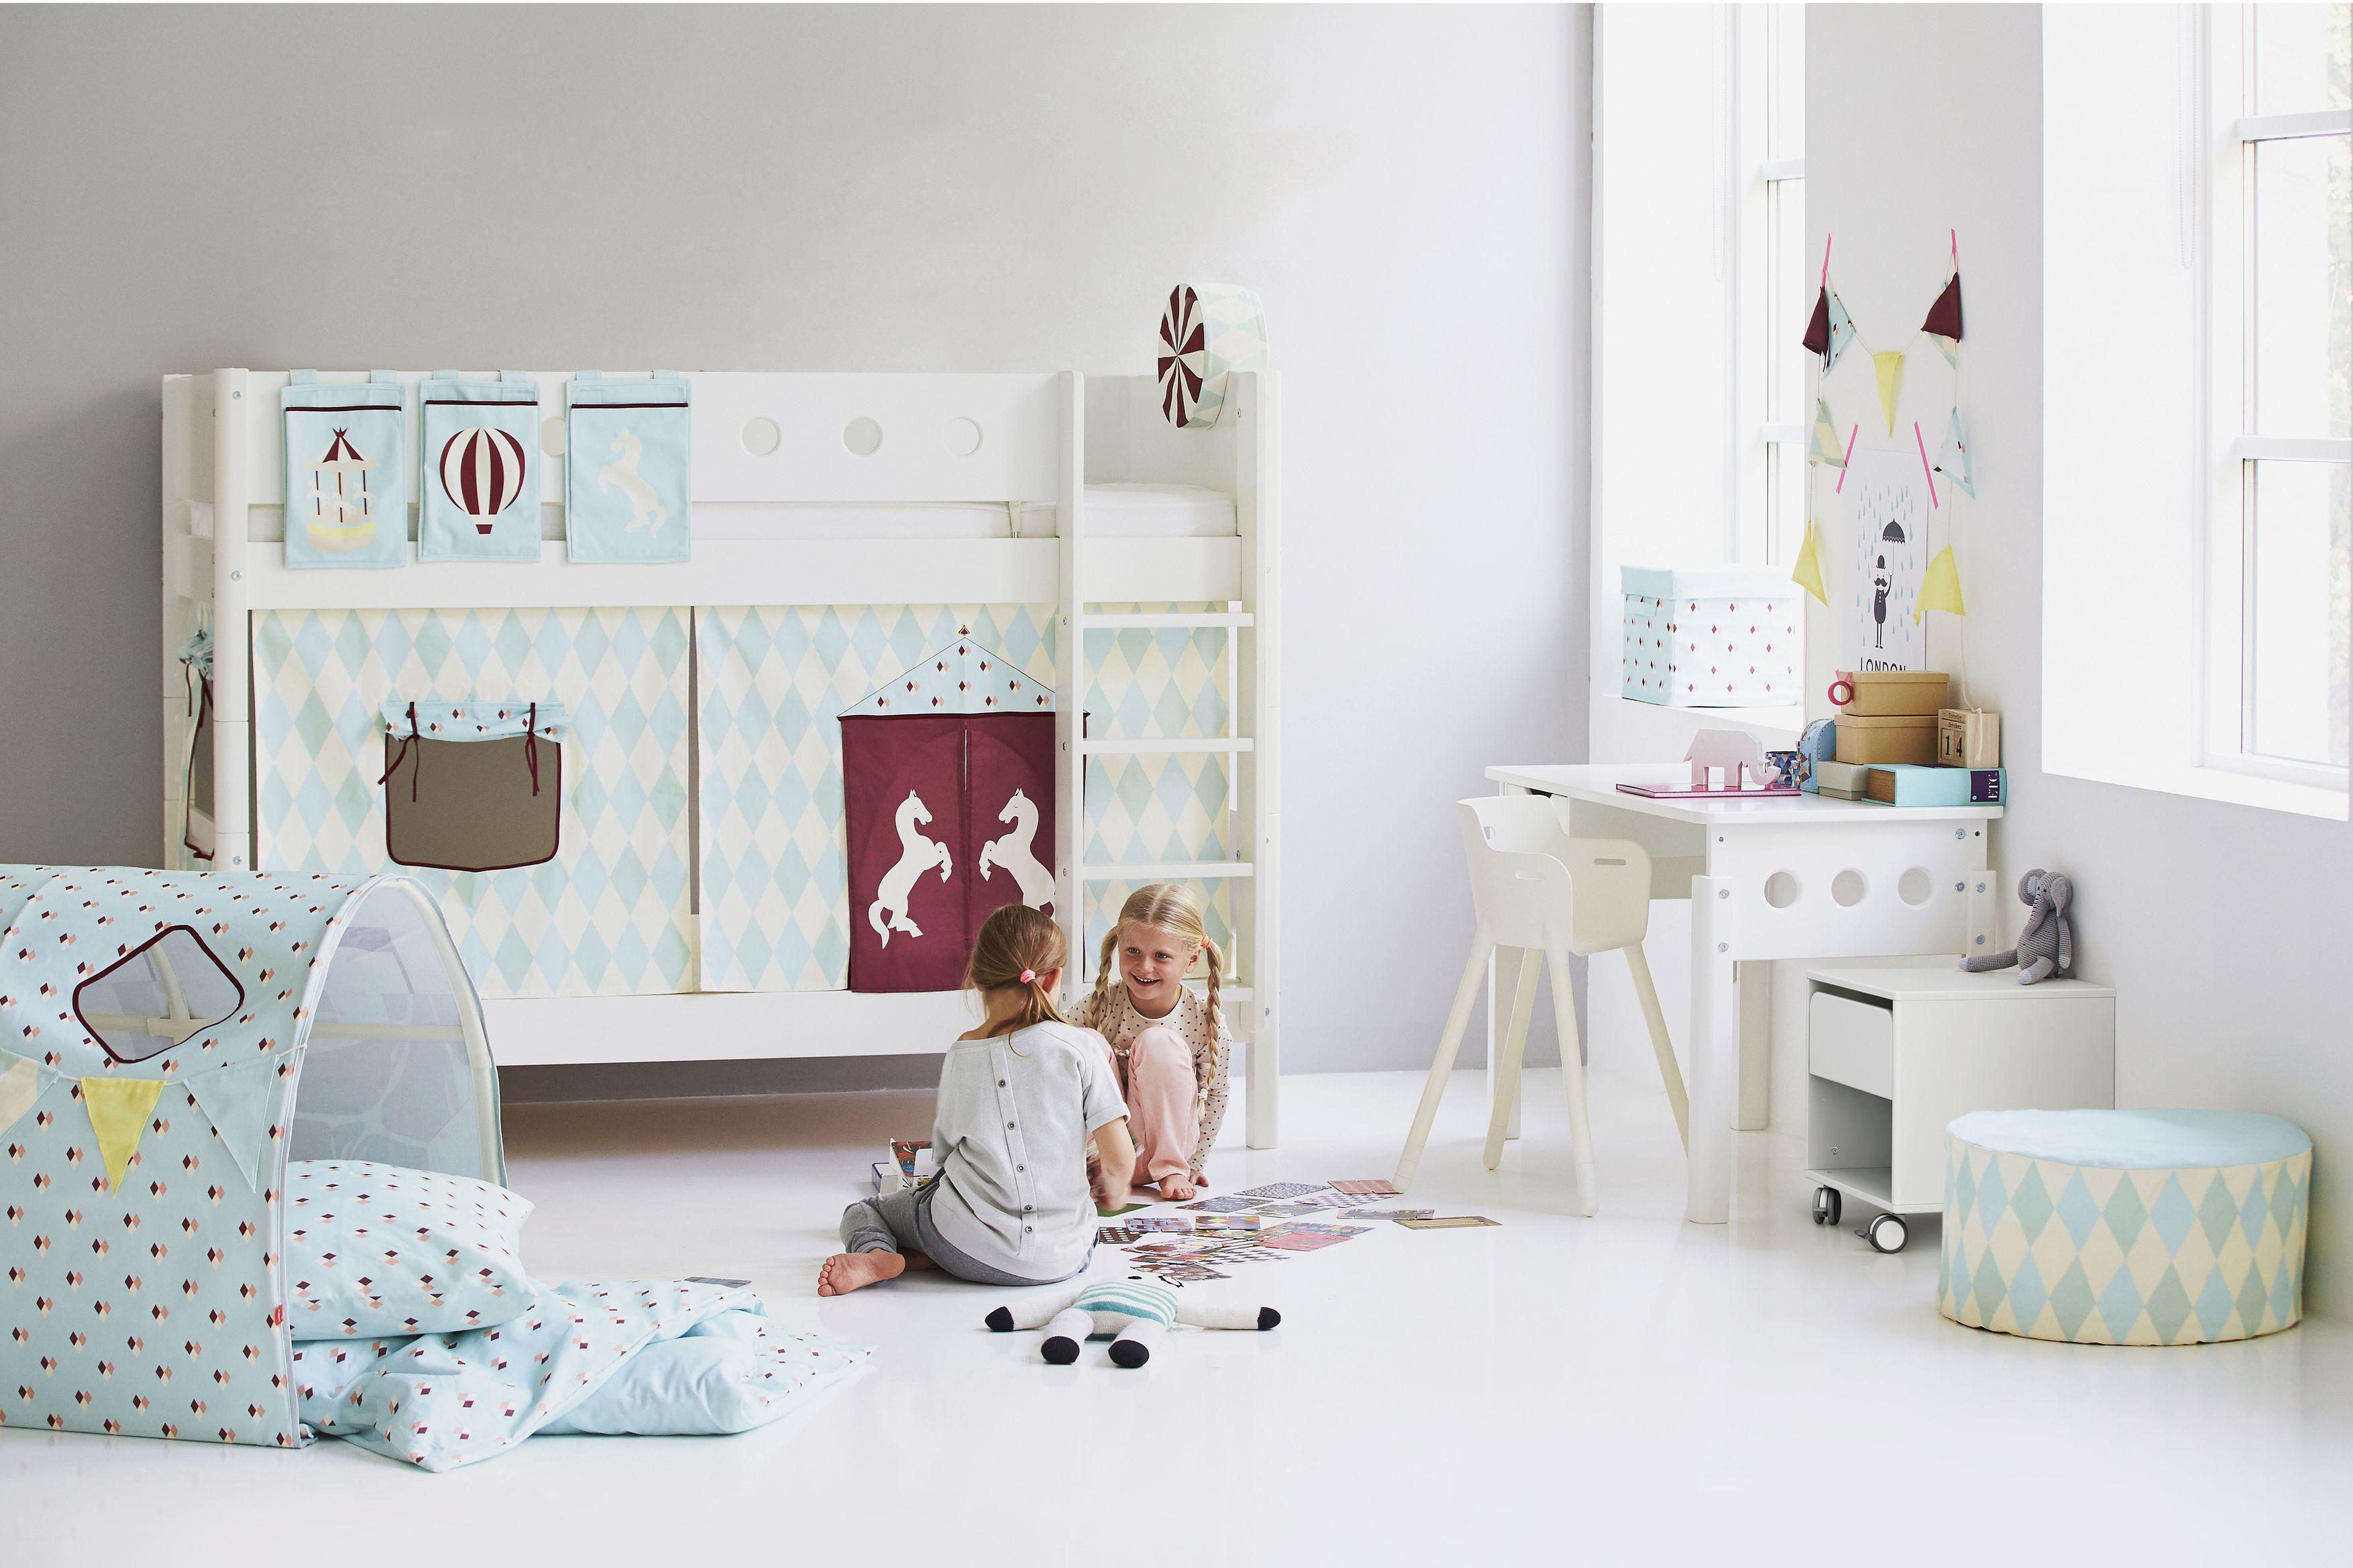 White Etagenbett Bequem Online Bestellen Betten Fur Kinder Kinderzimmereinrichtung Kinder Zimmer